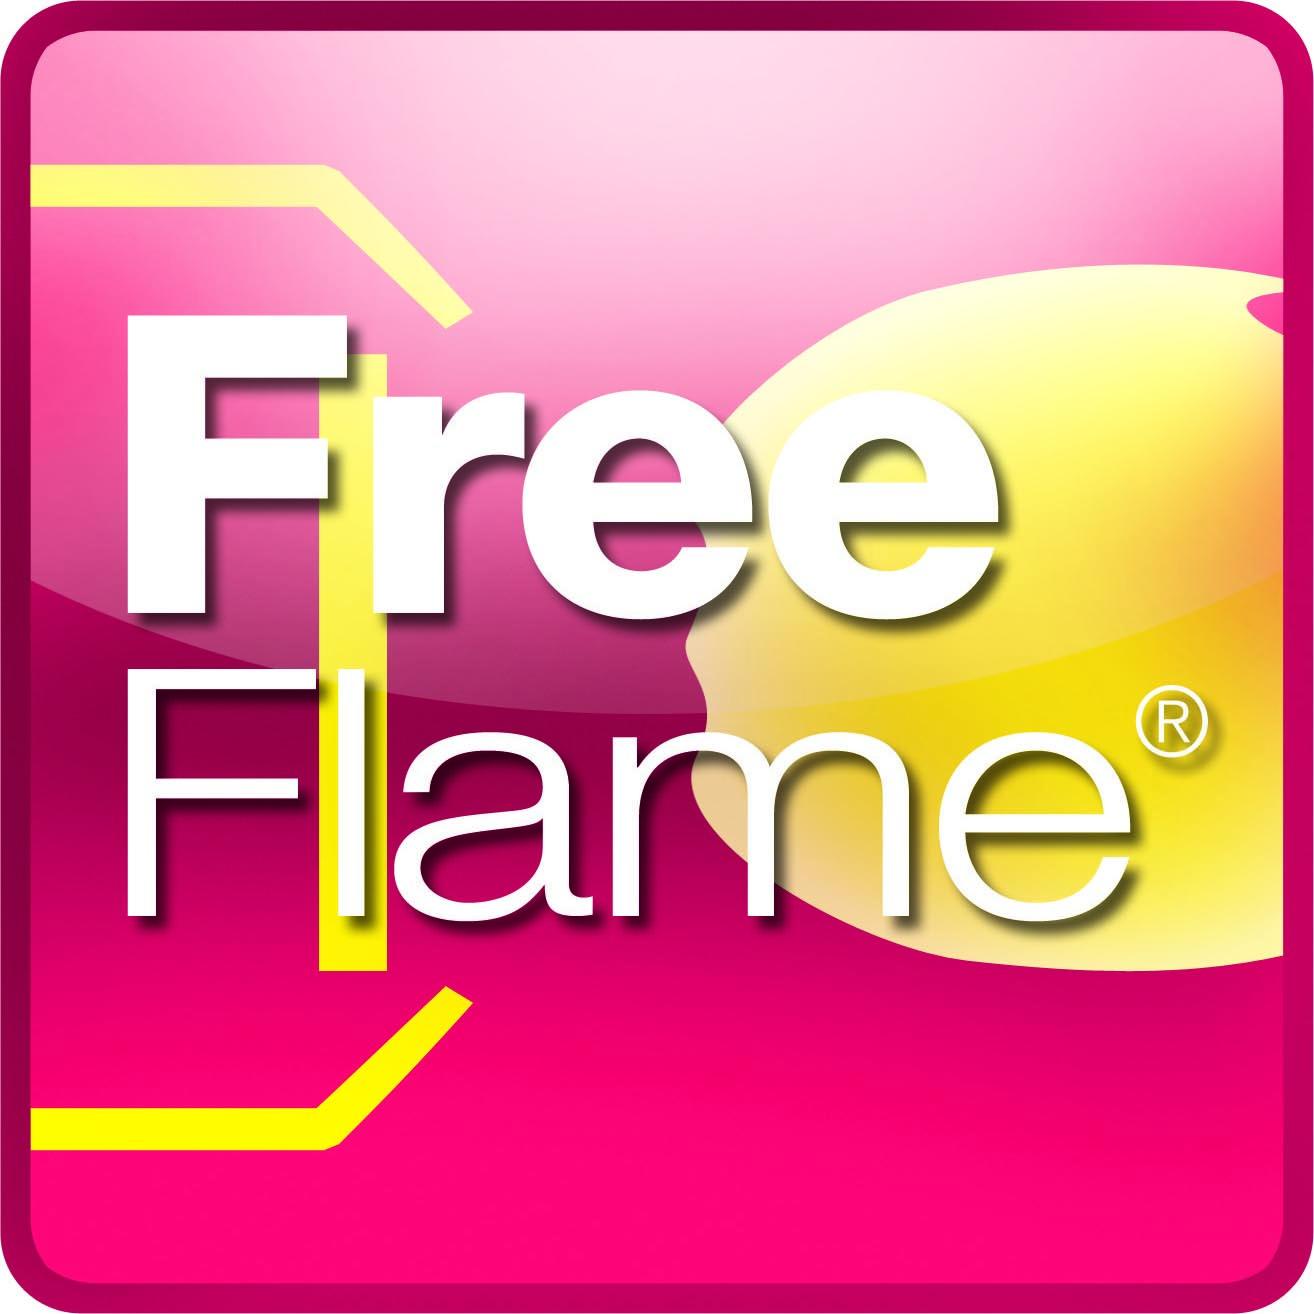 Elco Burners FREE FLAME